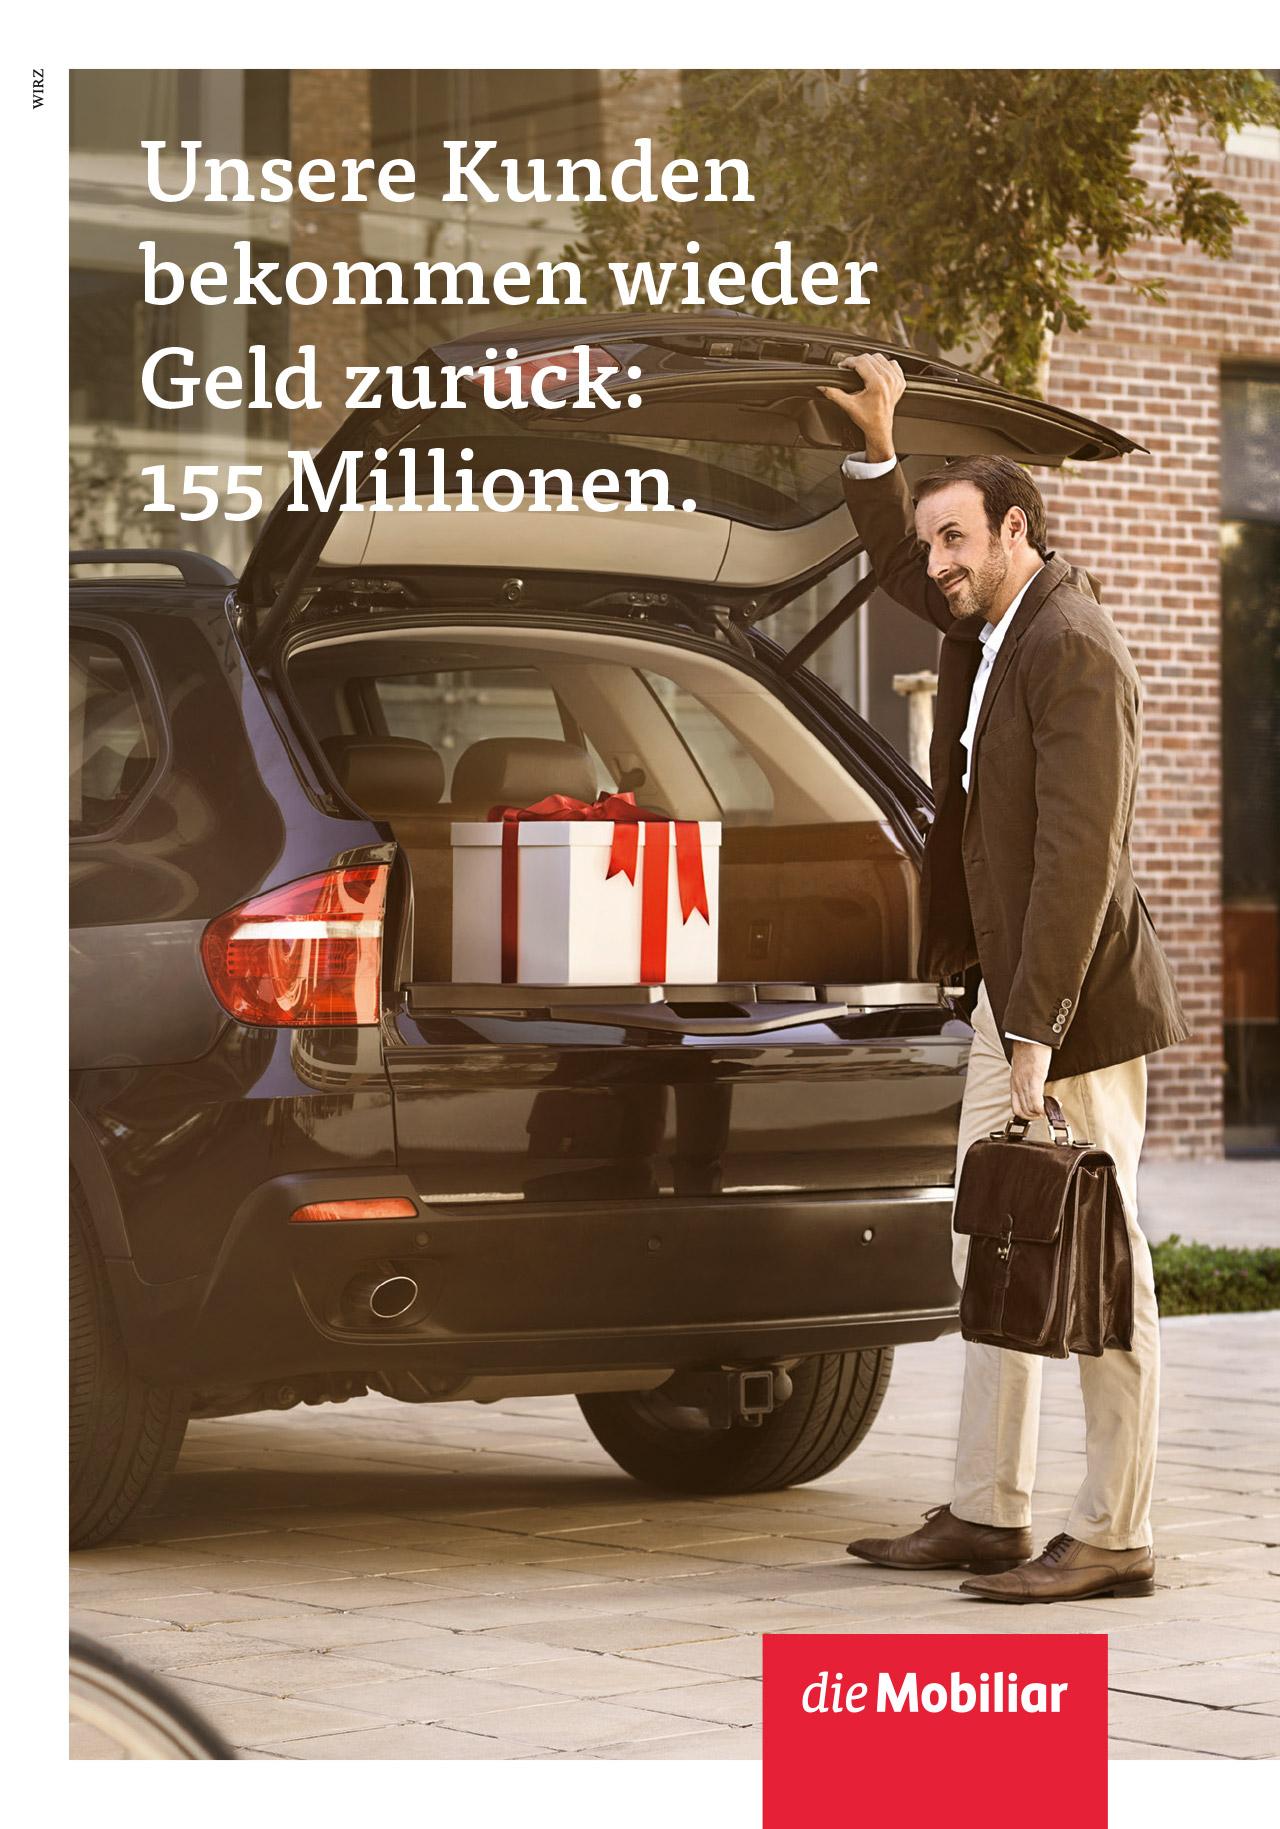 Wirz 155 millionen f r die kunden der mobiliar werbung for Versicherung mobiliar